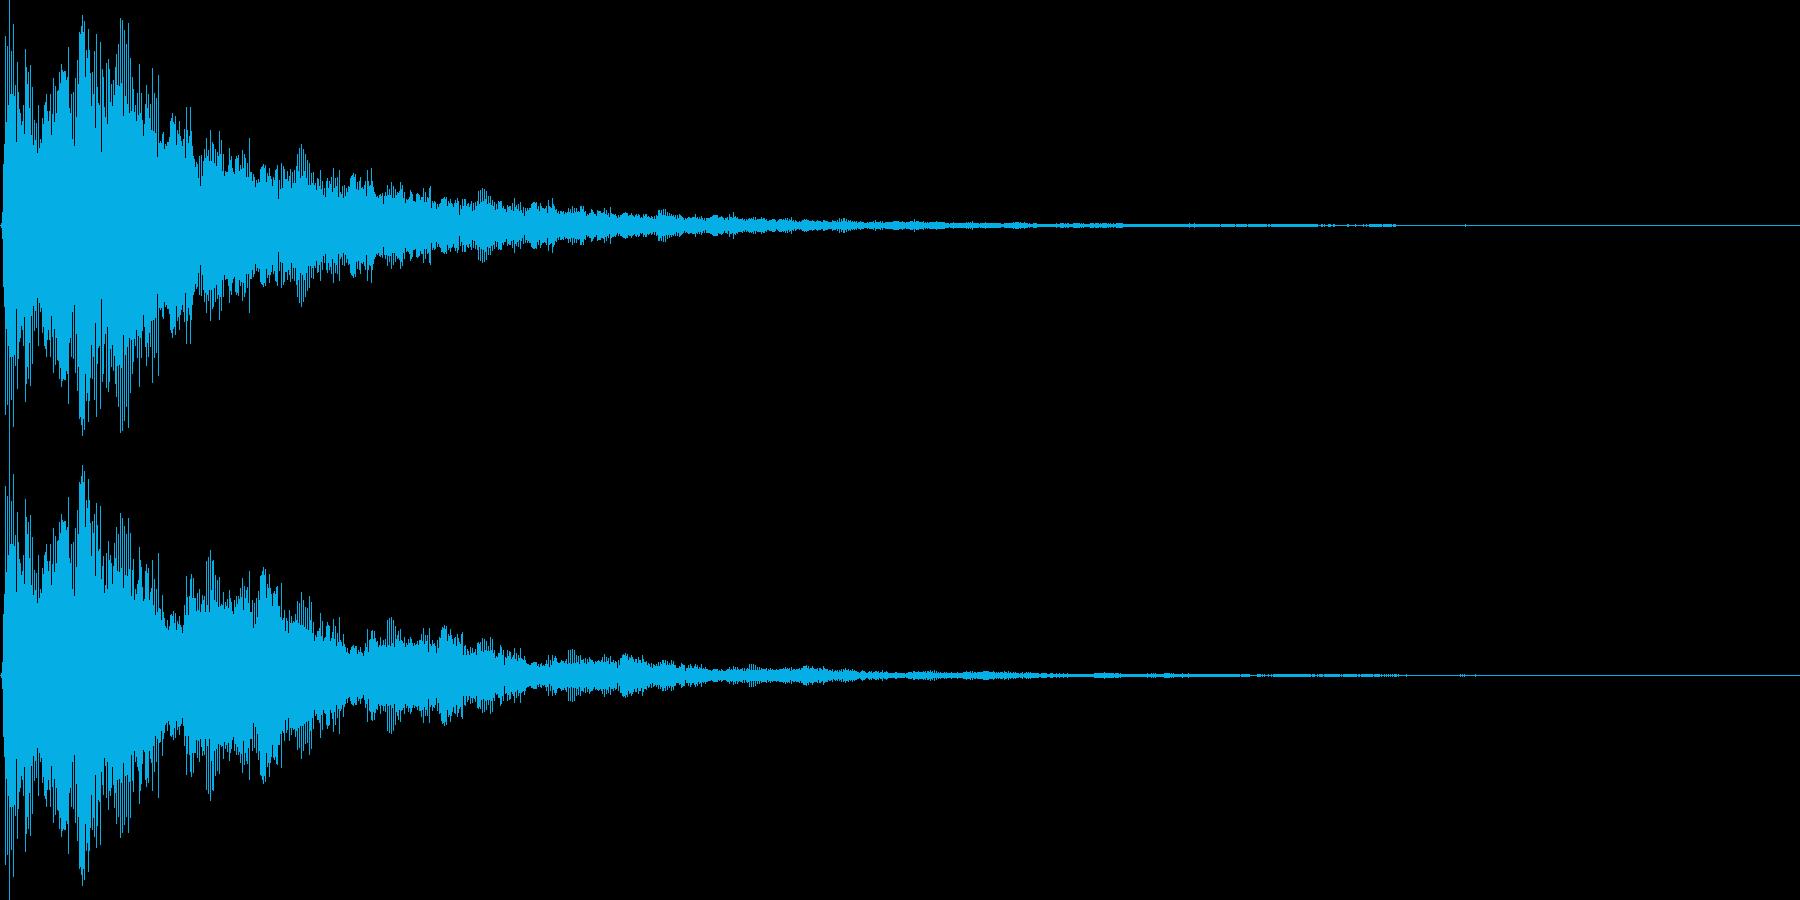 ぼよ〜ん (バネの音)の再生済みの波形